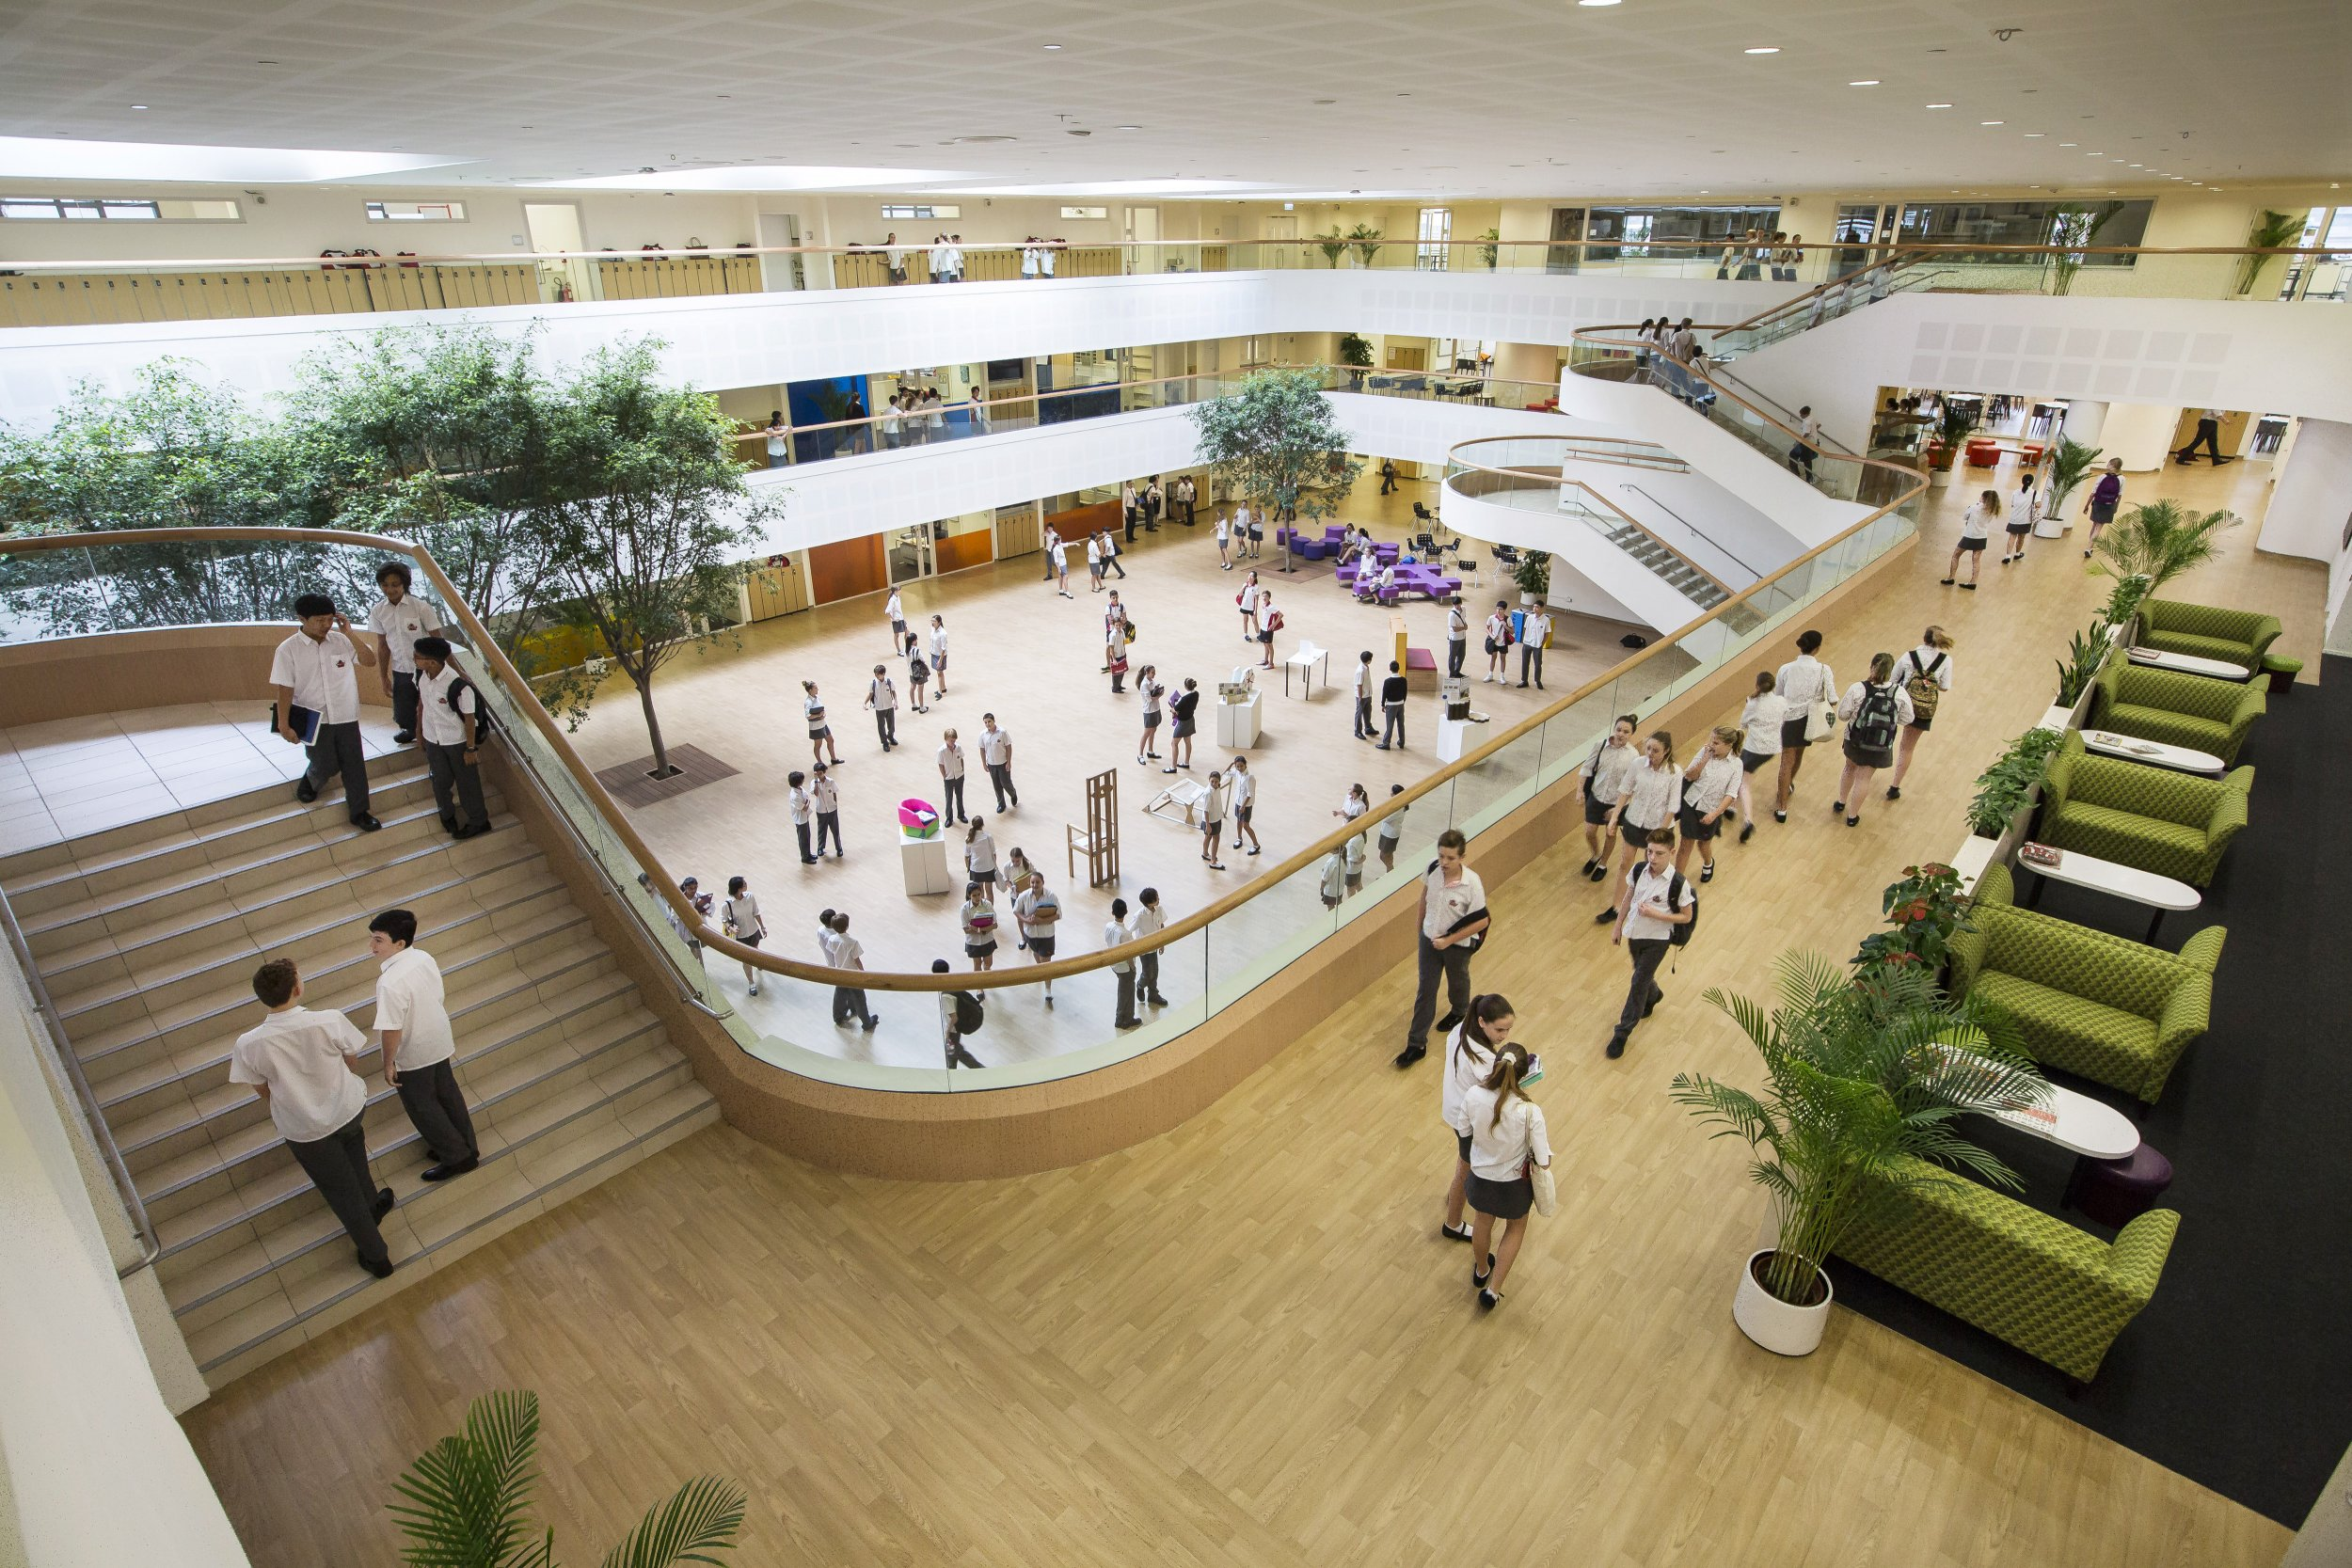 Kellett School, the British International School in Hong Kong